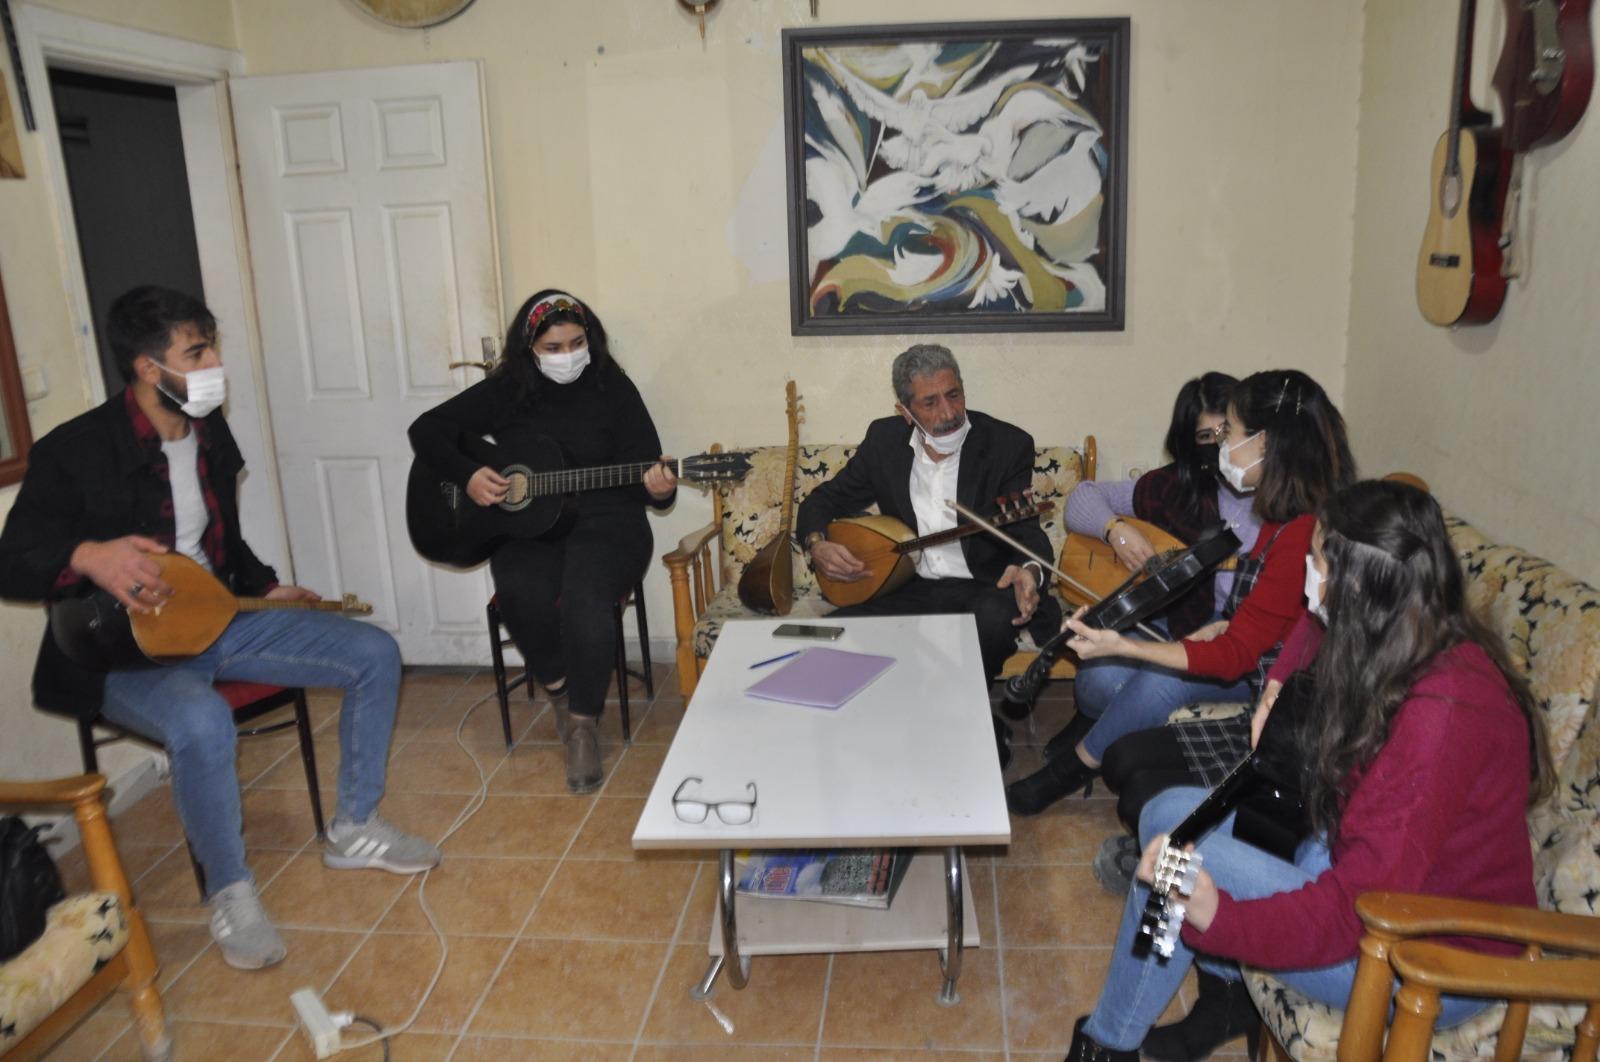 Mardin'de korona günlerinde müziğe yöneldiler